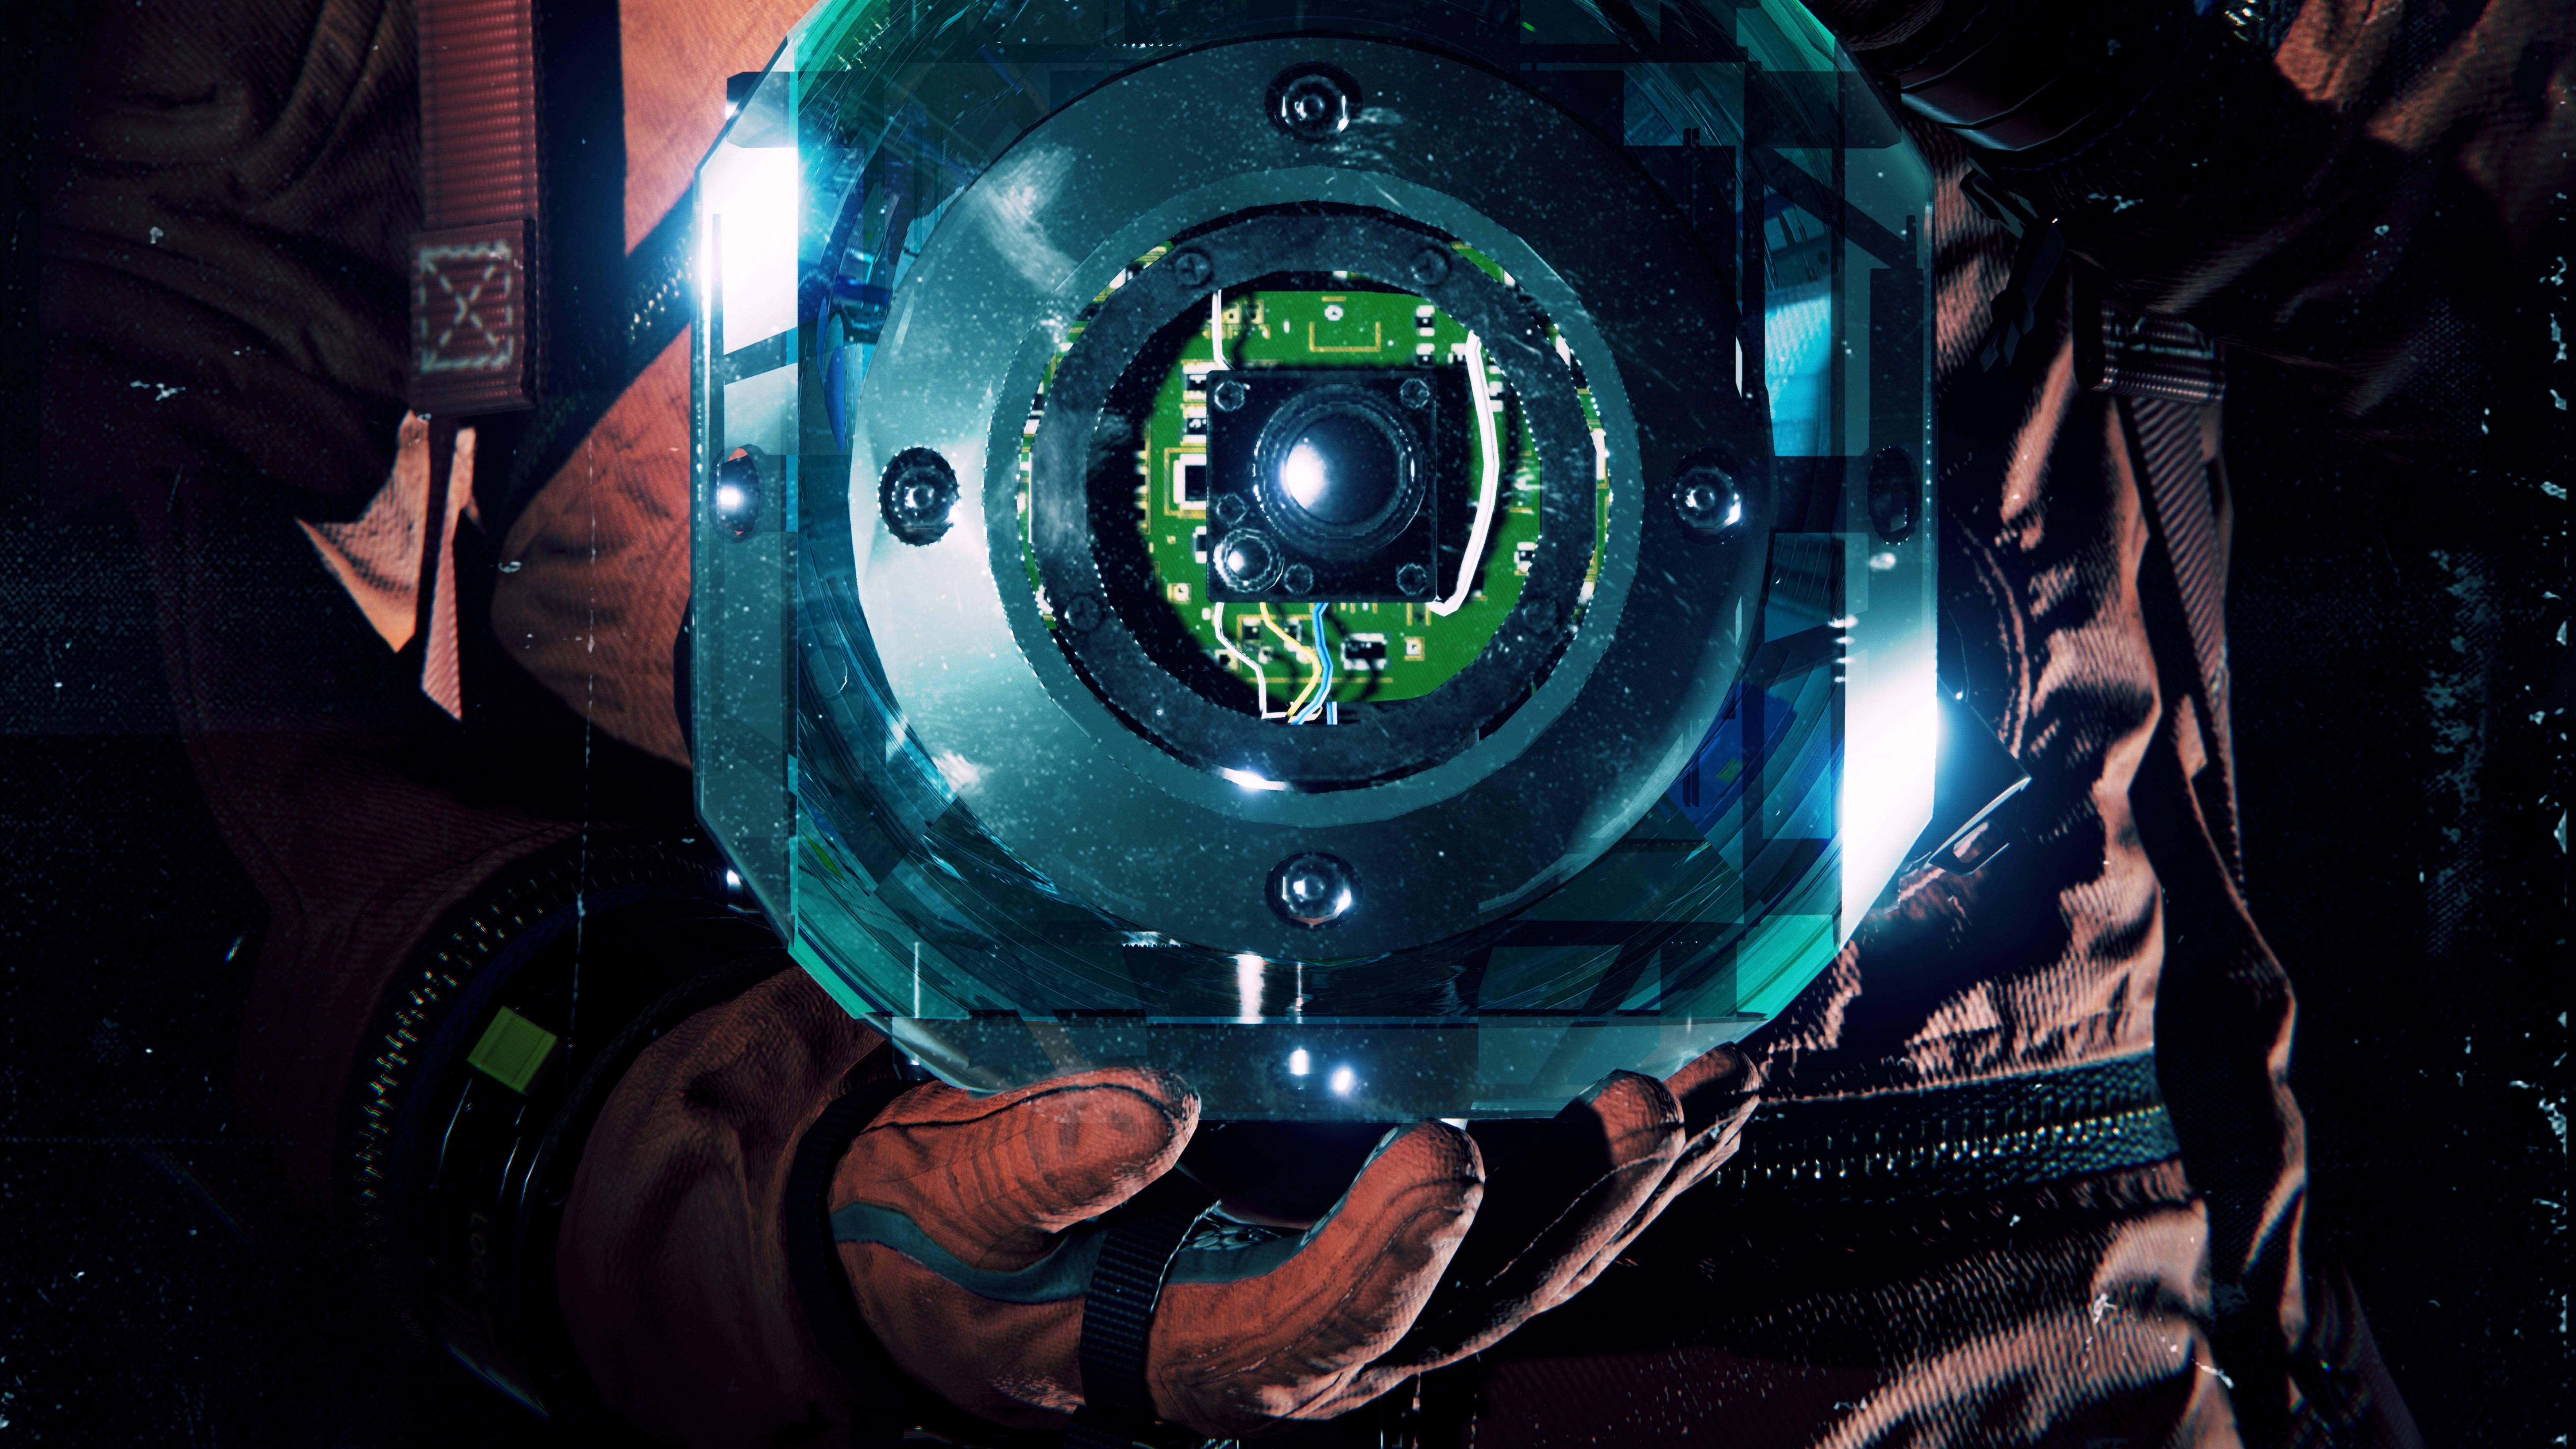 Wallpaper Observation poster 5K Games 21526 7680x4320